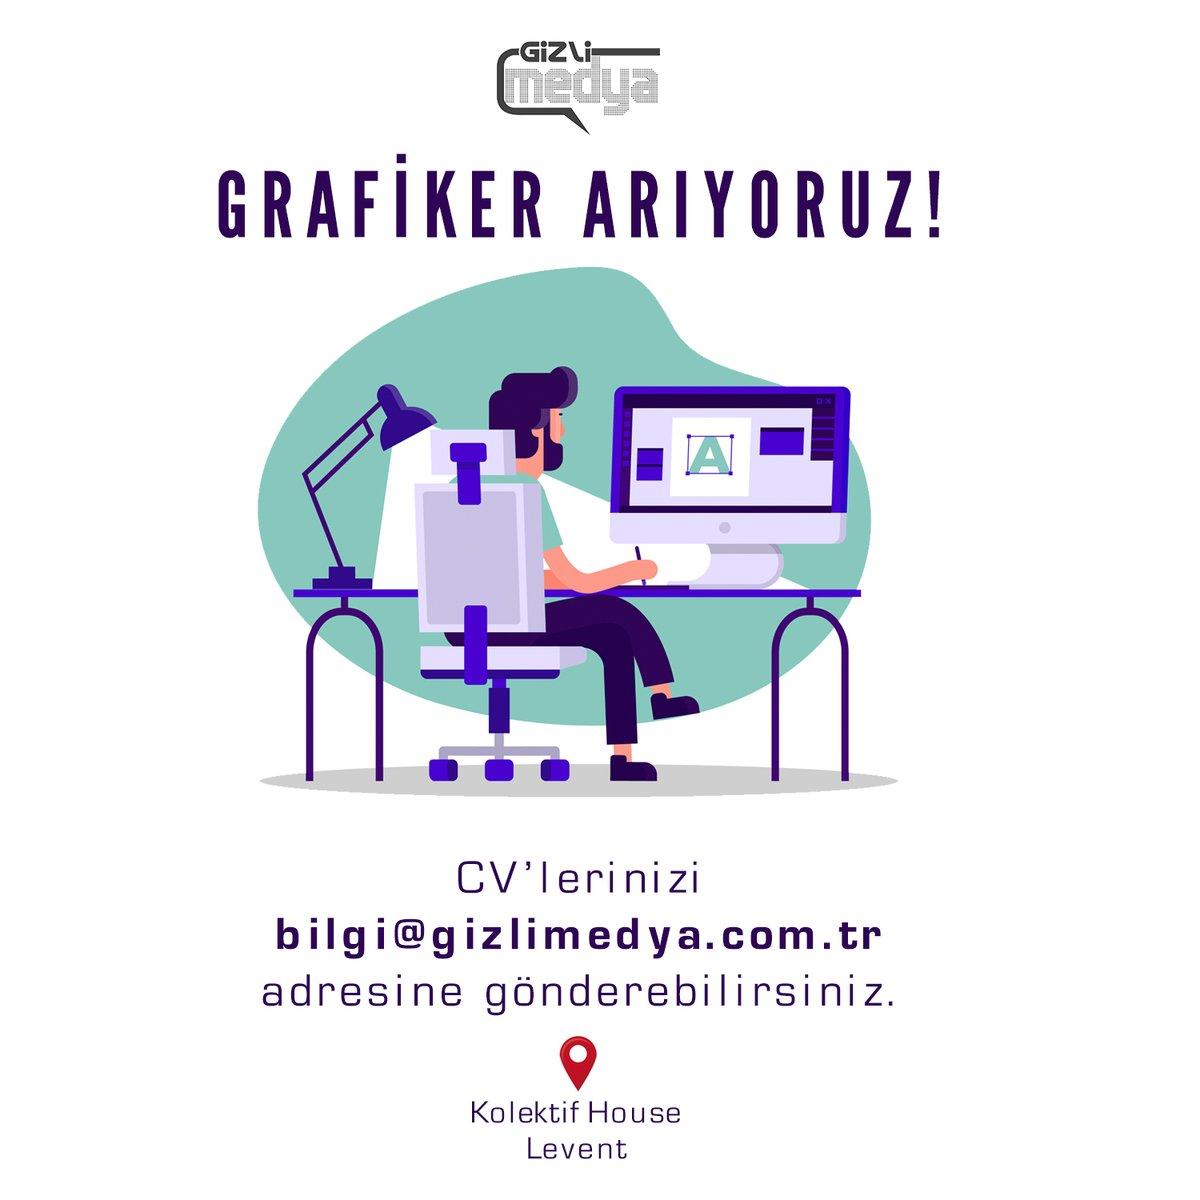 Tam zamanlı #grafiker arıyoruz, lütfen yayalım. #işilanı https://t.co/85aXOLyQ8V